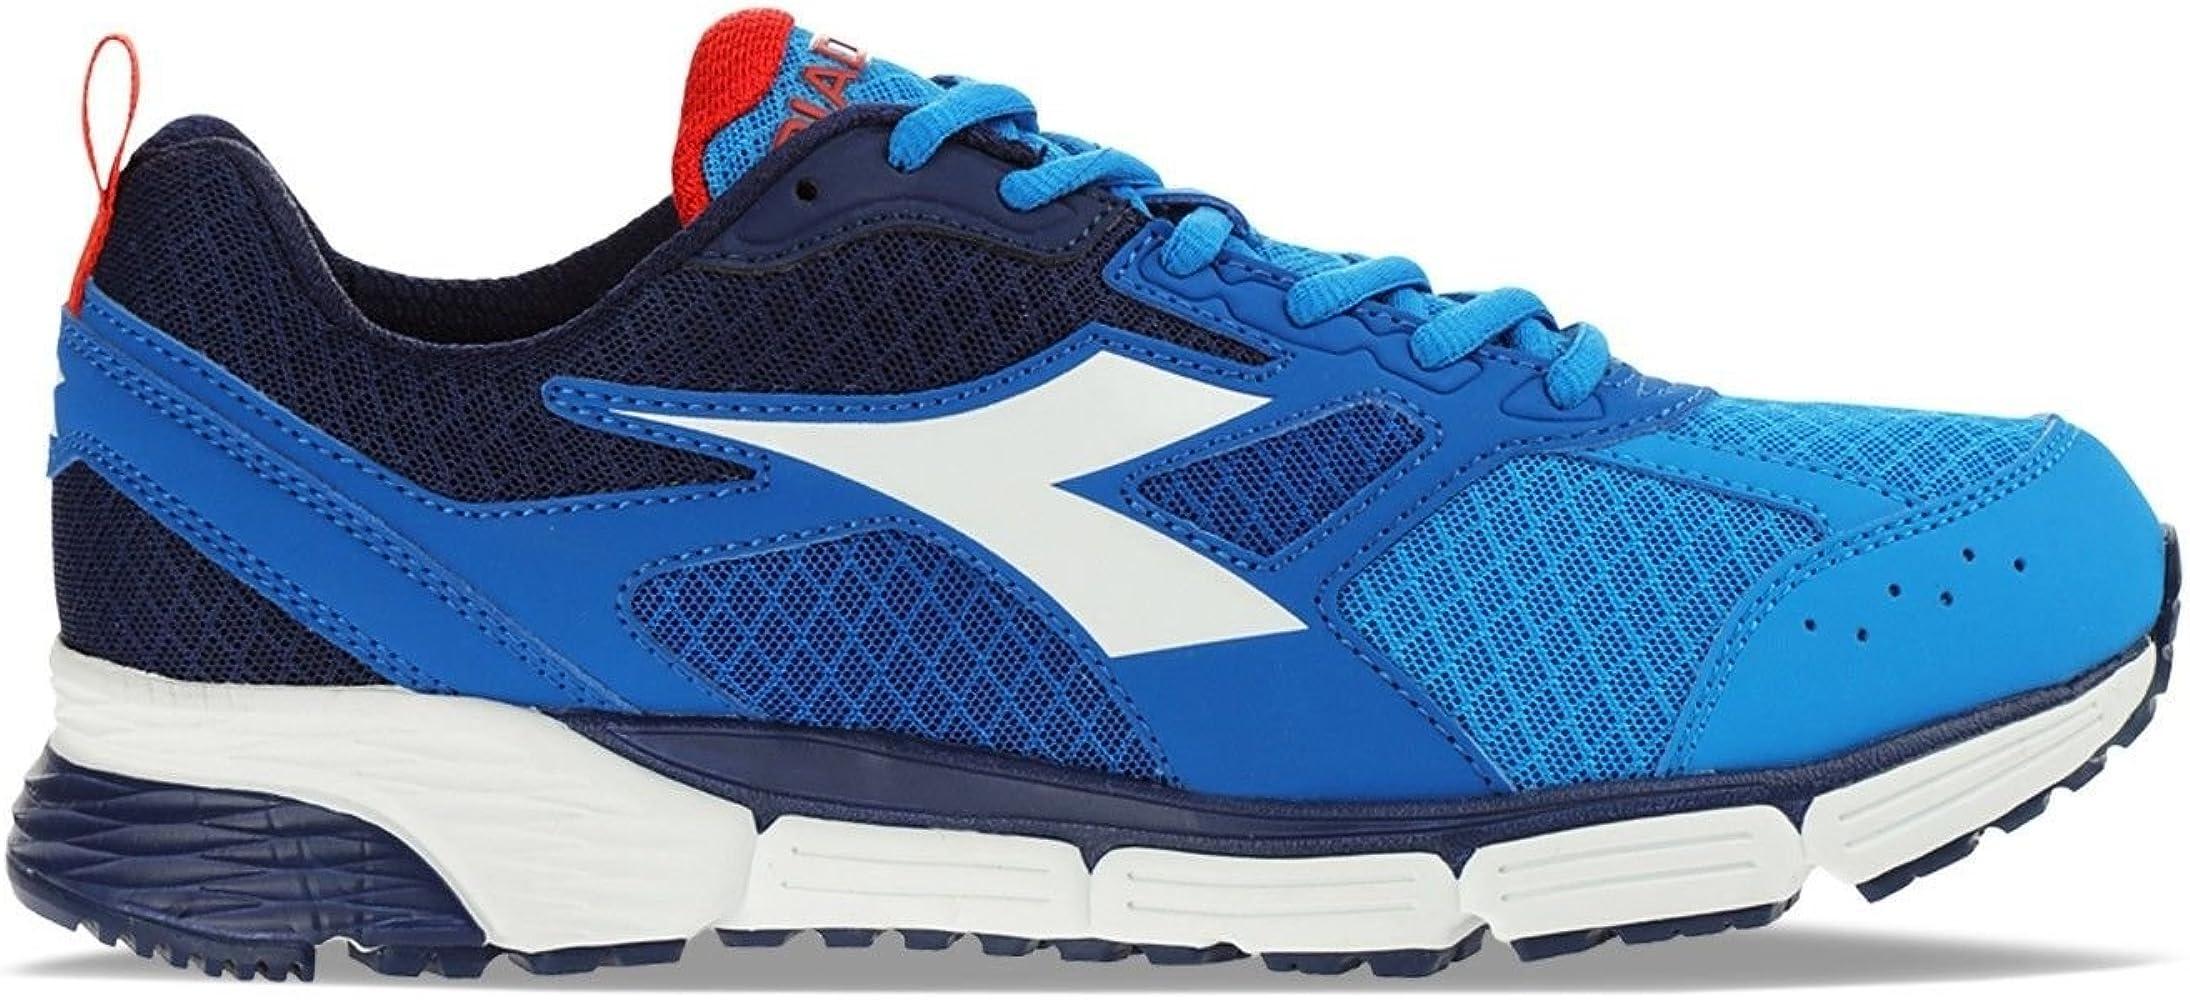 Diadora - Zapatillas de Running de Lona para Hombre Azul Turquesa ...